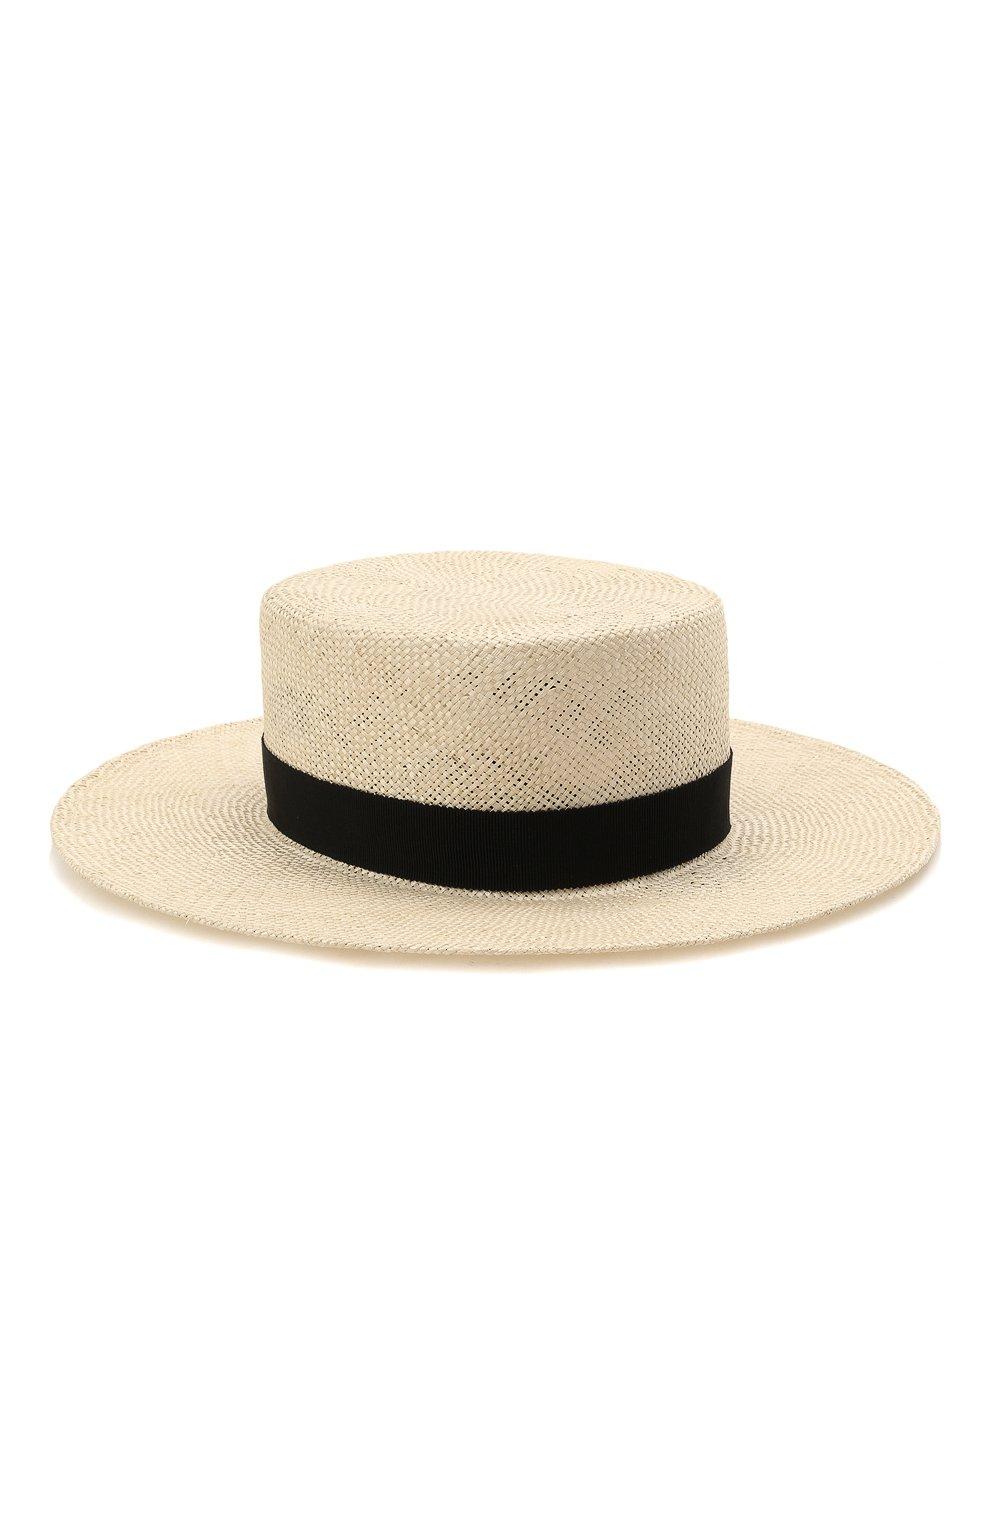 Женская шляпа kanotie COCOSHNICK HEADDRESS светло-бежевого цвета, арт. Kanotiestraw   Фото 1 (Материал: Растительное волокно)